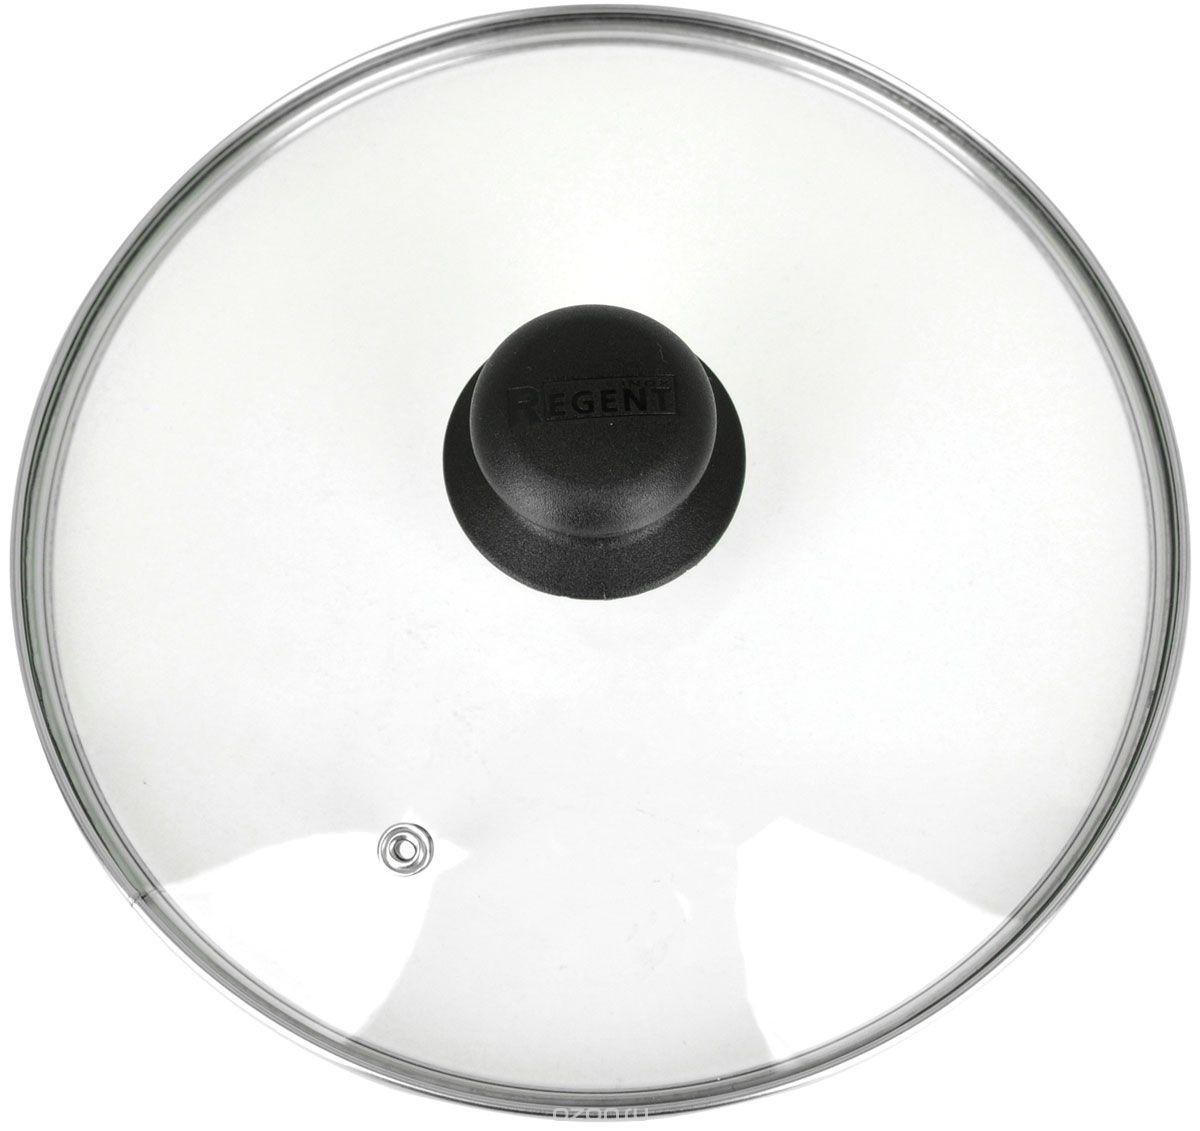 """Крышка """"Regent Inox"""" изготовлена из термостойкого стекла. Обод, выполненный из высококачественной нержавеющей стали, защищает крышку от повреждений, а ручка, выполненная из термостойкого пластика, защищает ваши руки от высоких температур. Крышка удобна в использовании, позволяет контролировать процесс приготовления пищи. Имеется отверстие для выпуска пара. Характеристики:  Материал: стекло, нержавеющая сталь, пластик. Диаметр: 22 см. Размер упаковки: 22 см х 22 см х 5 см. Производитель:  Италия. Артикул: 22.1."""